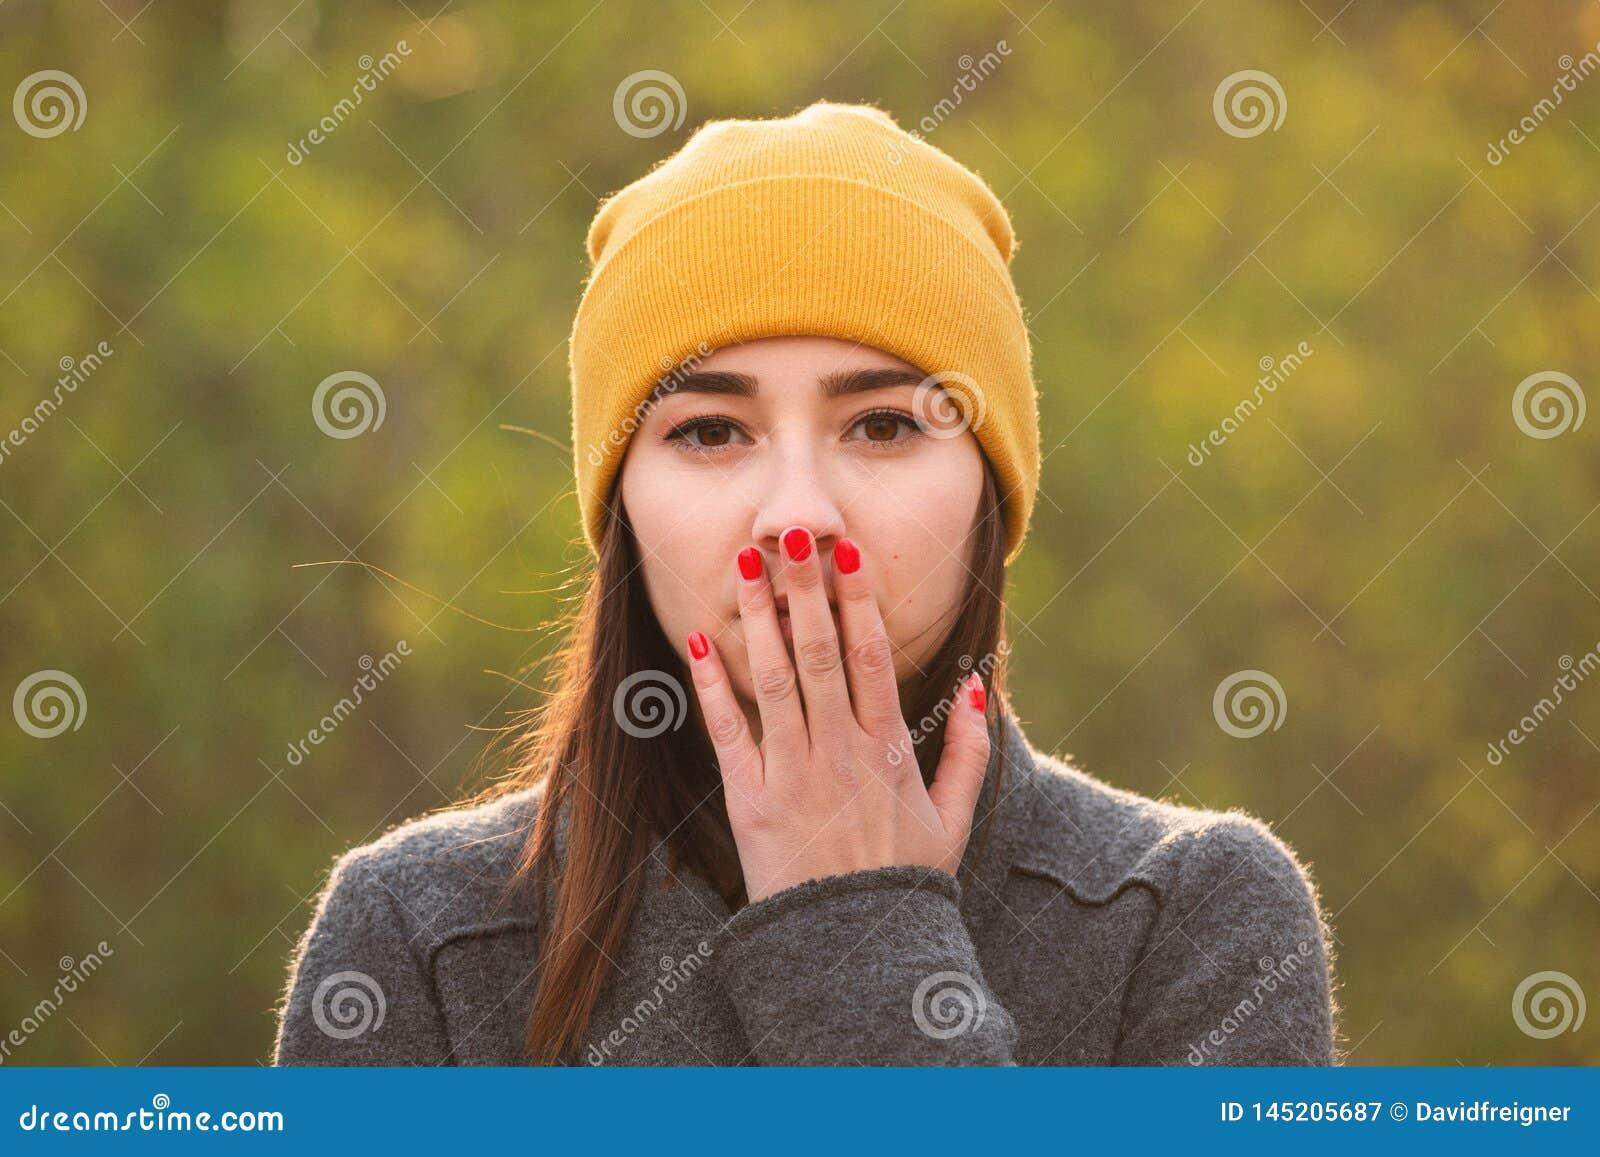 Junge Frau, die ihren Mund mit ihrer Hand bedeckt